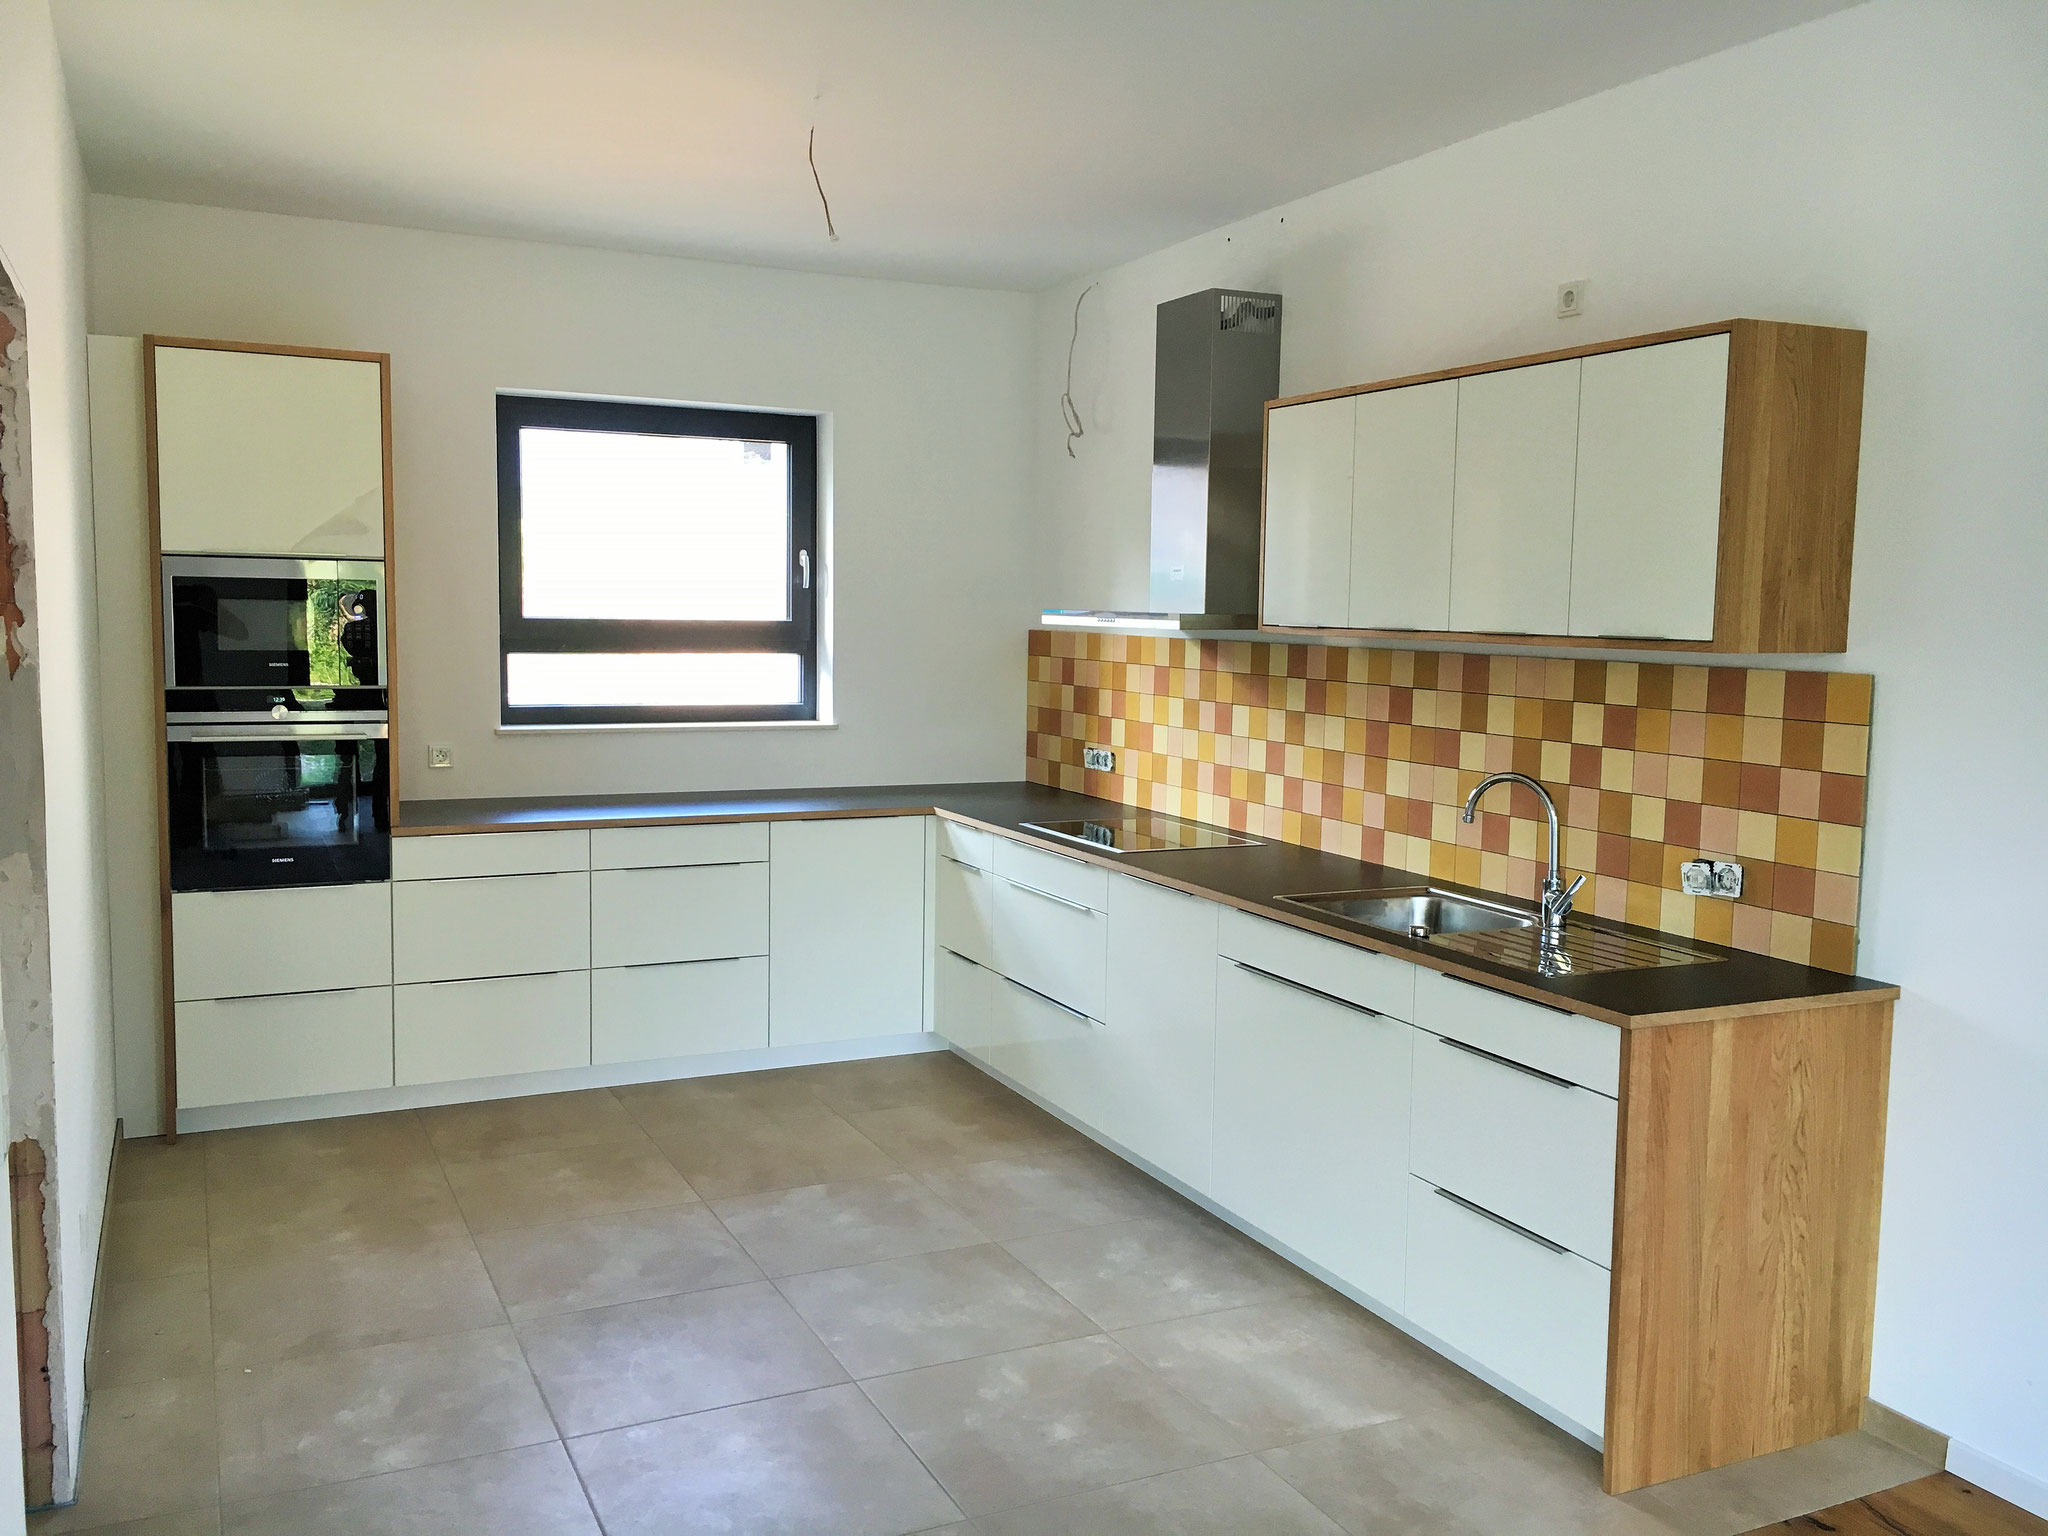 Offene Küche mit matten Küchenfronten und Eiche in Kombination